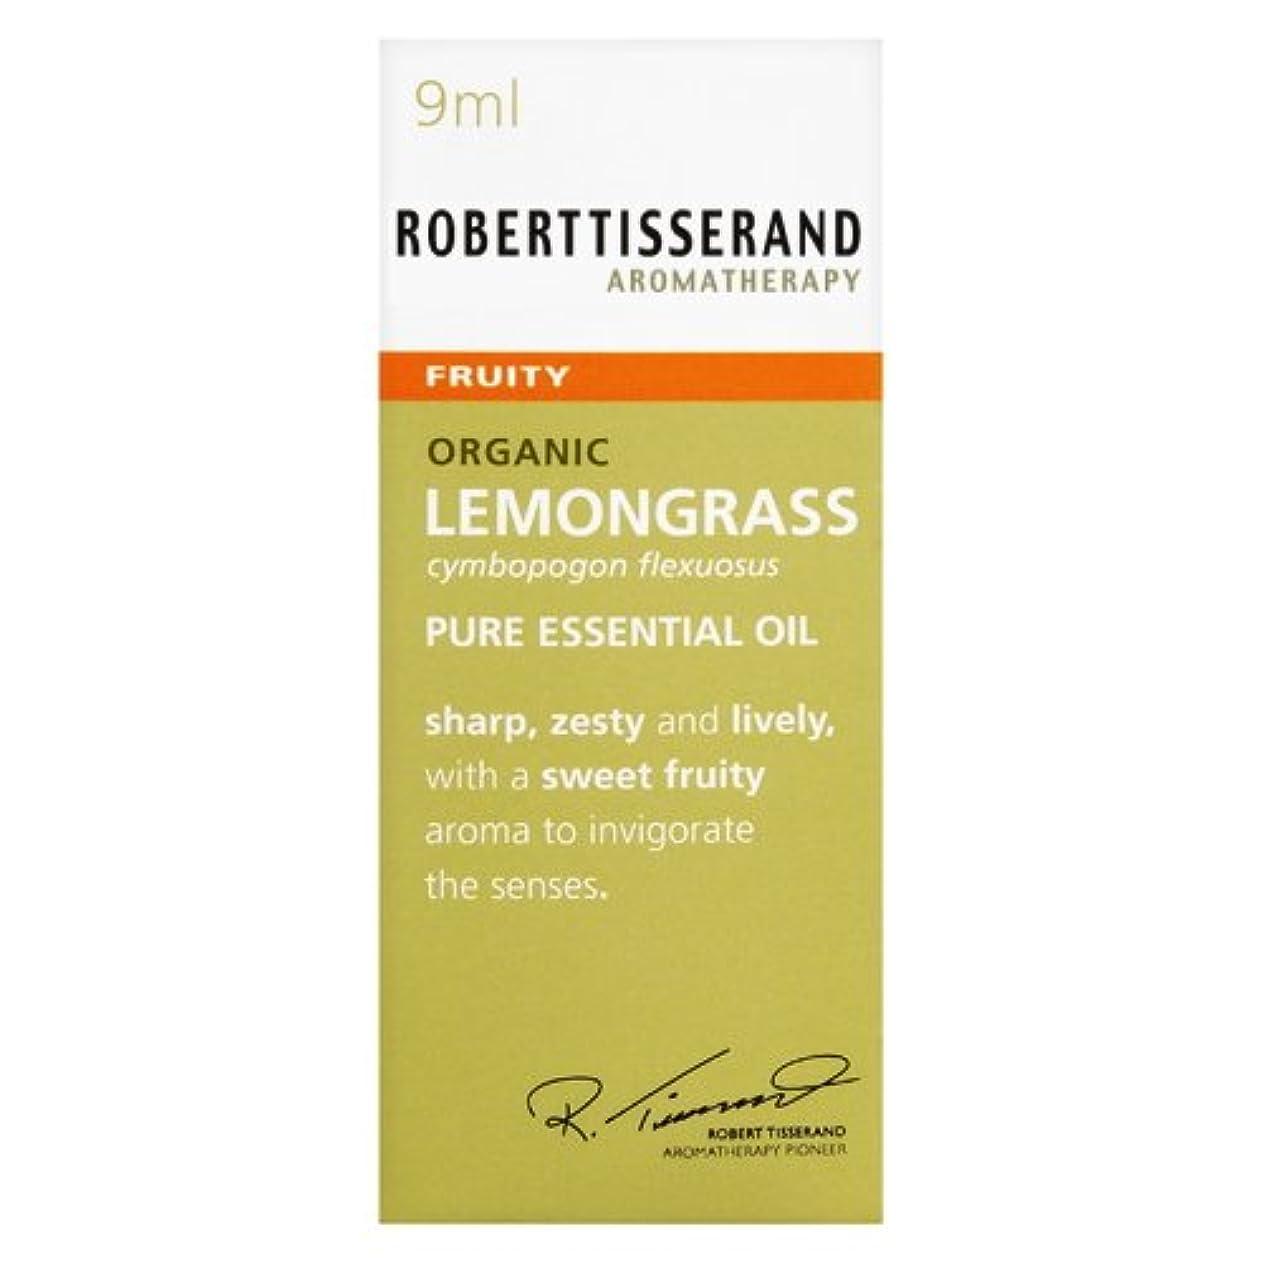 冷蔵庫感覚恐れるロバートティスランド 英国土壌協会認証 オーガニック レモングラス 9ml